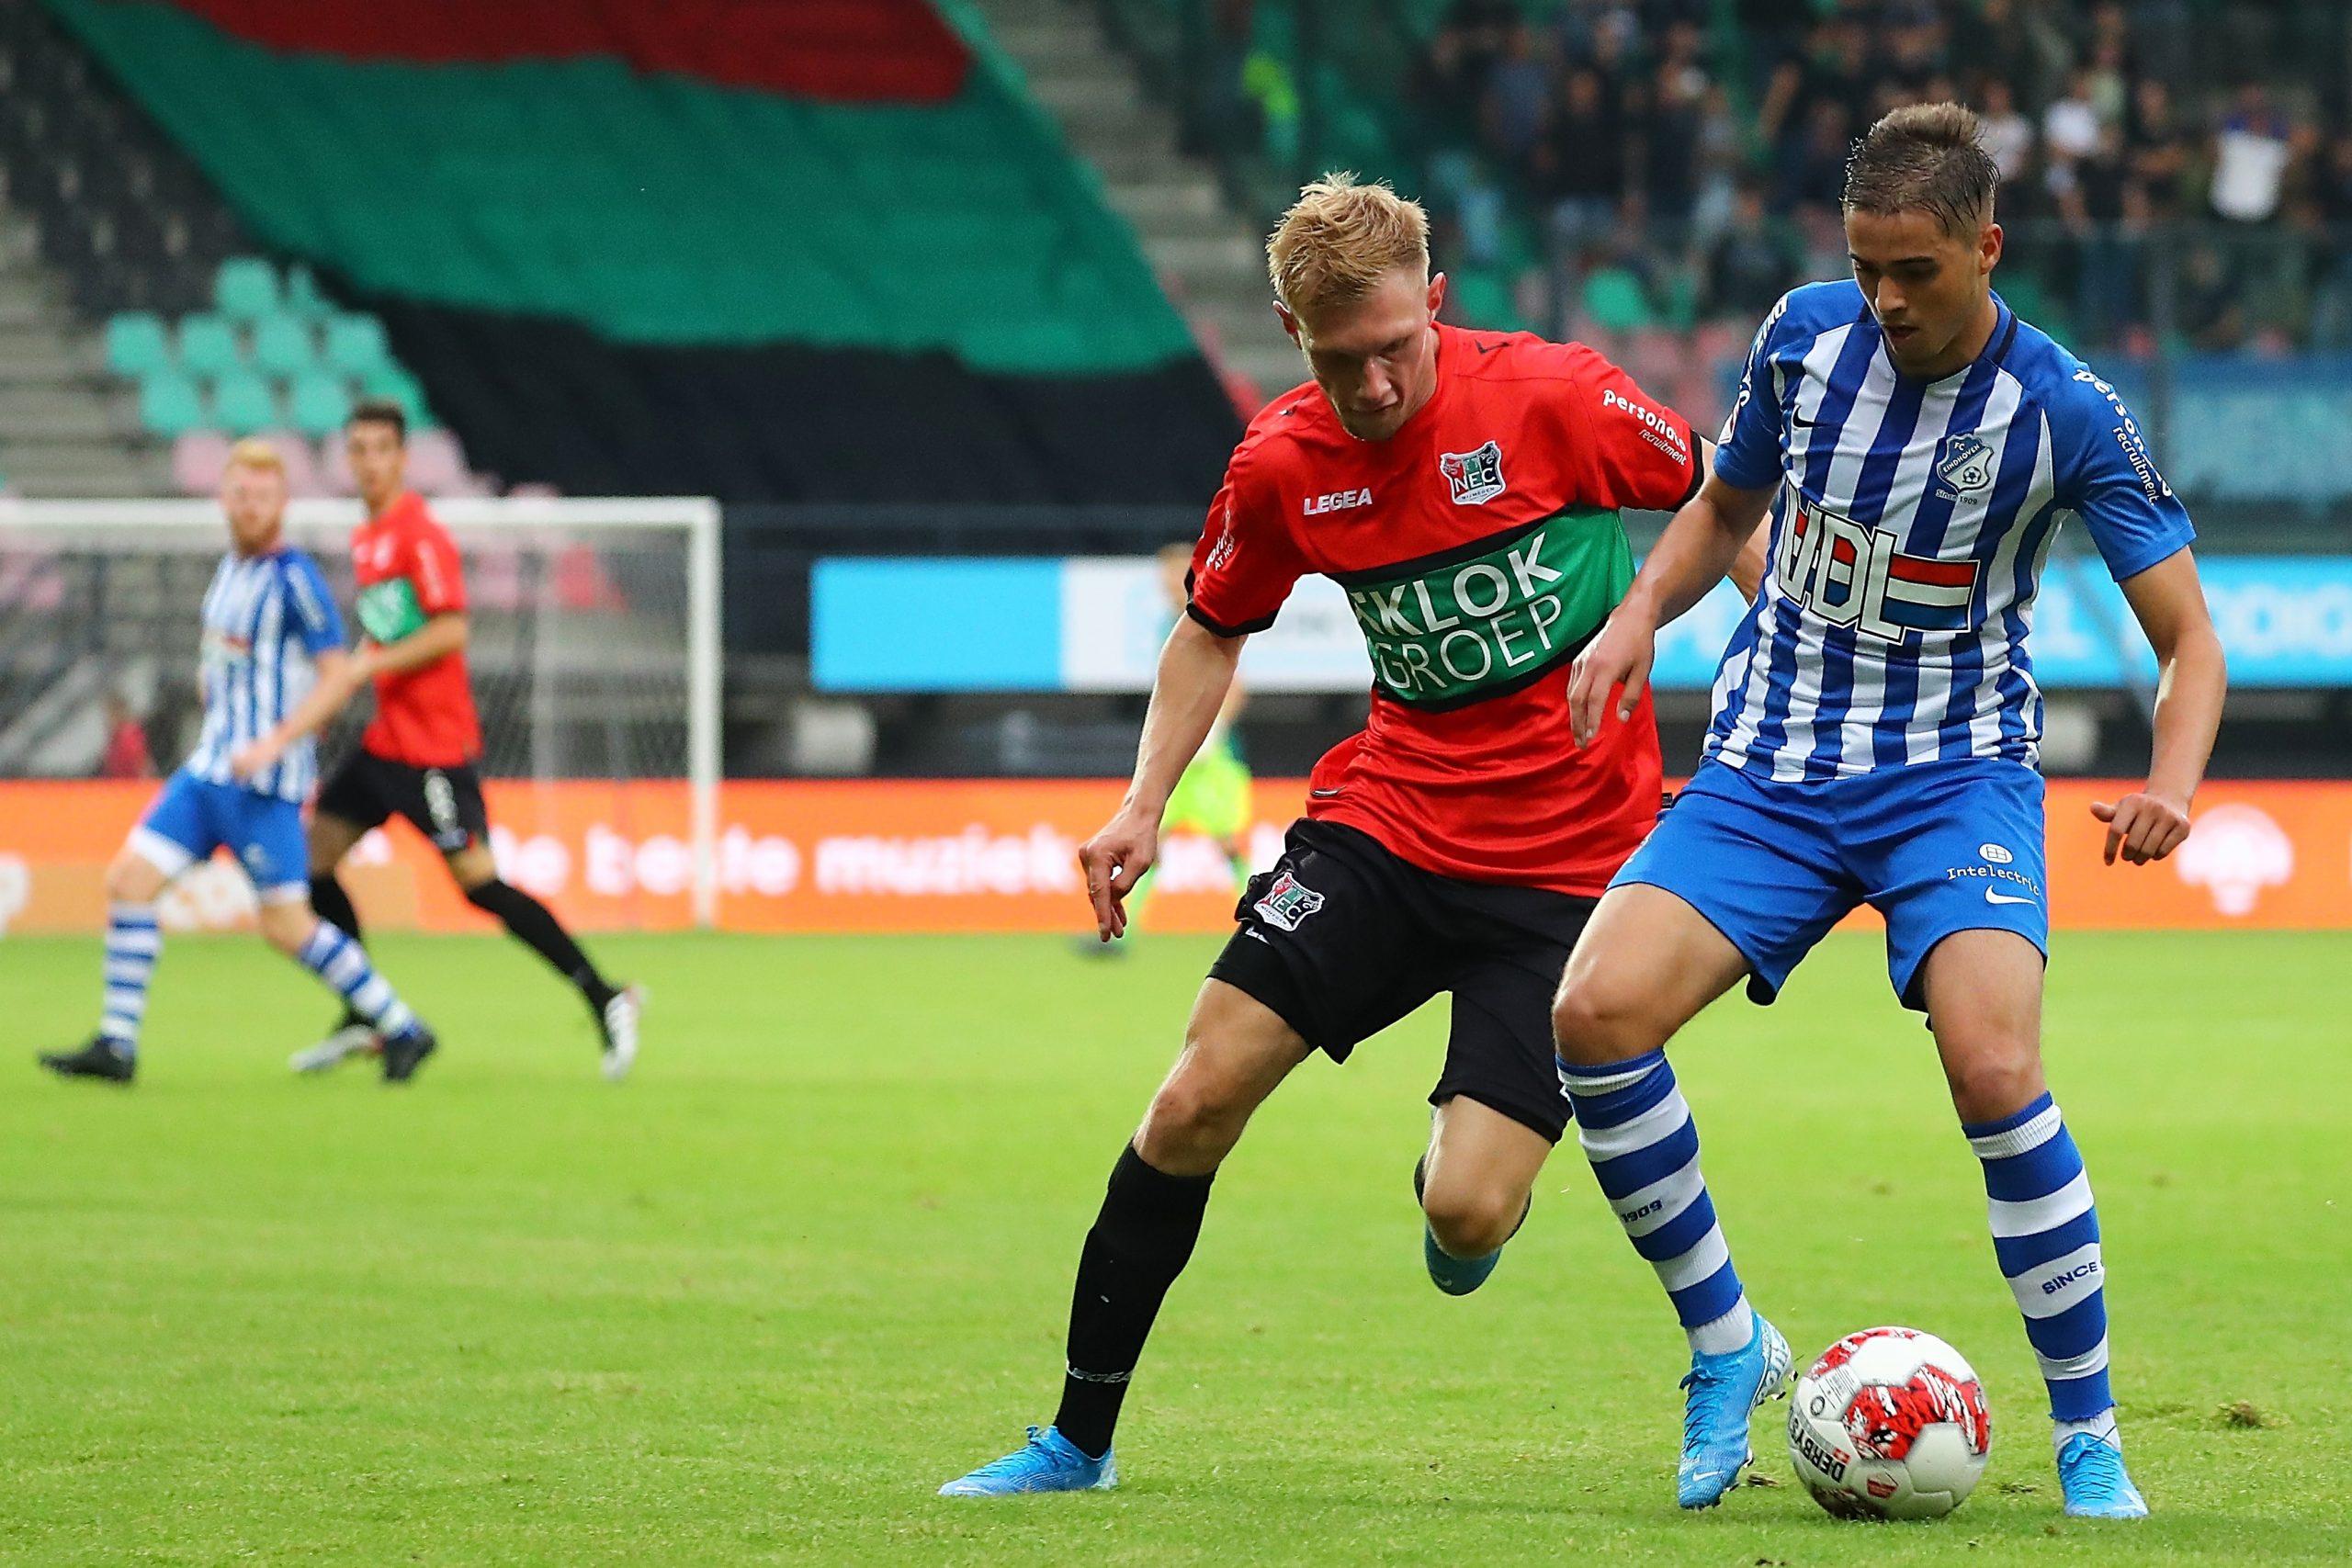 Voorbeschouwing: NEC sluit zeer matige eerste seizoenshelft af in Eindhoven